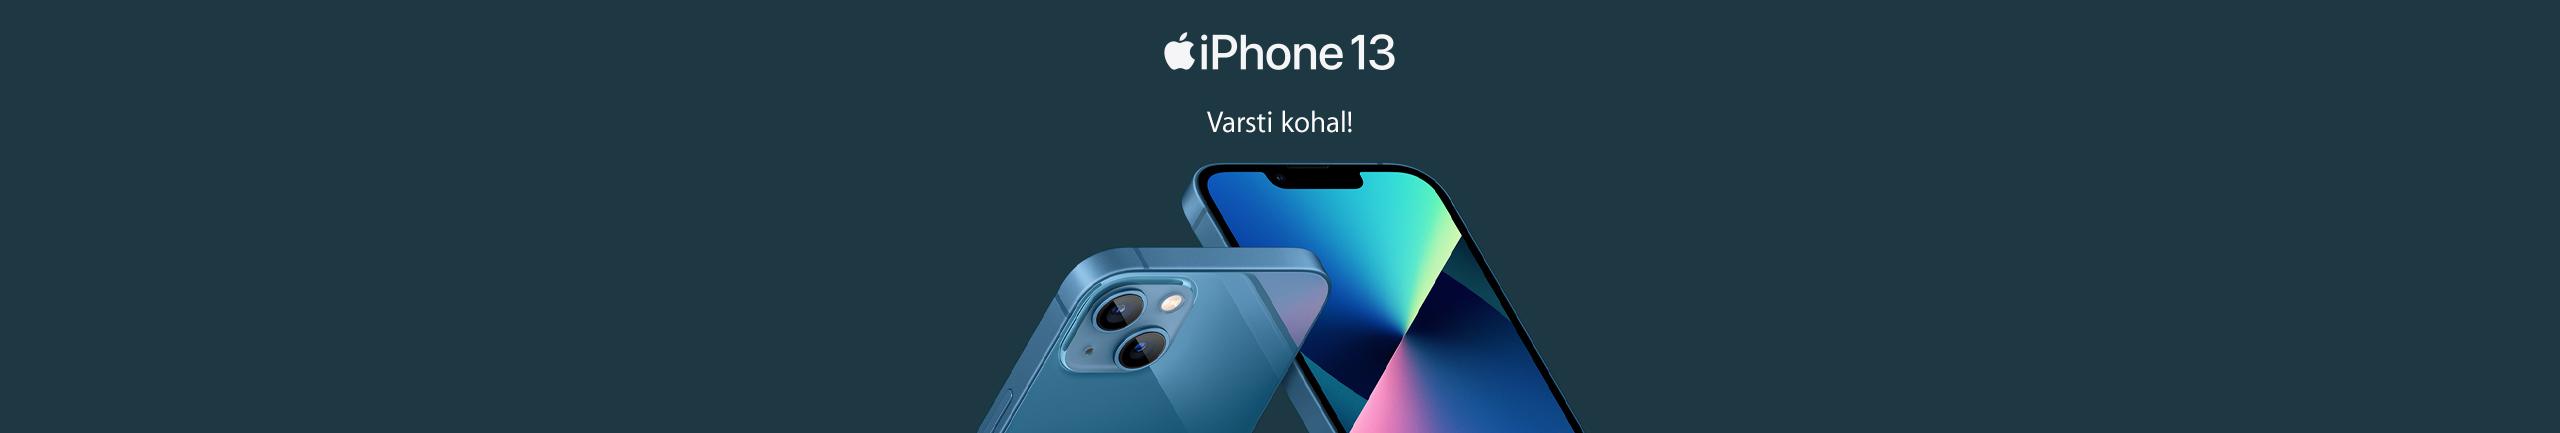 NPL Apple iPhone 13 ja iPhone 13 mini varsti kohal